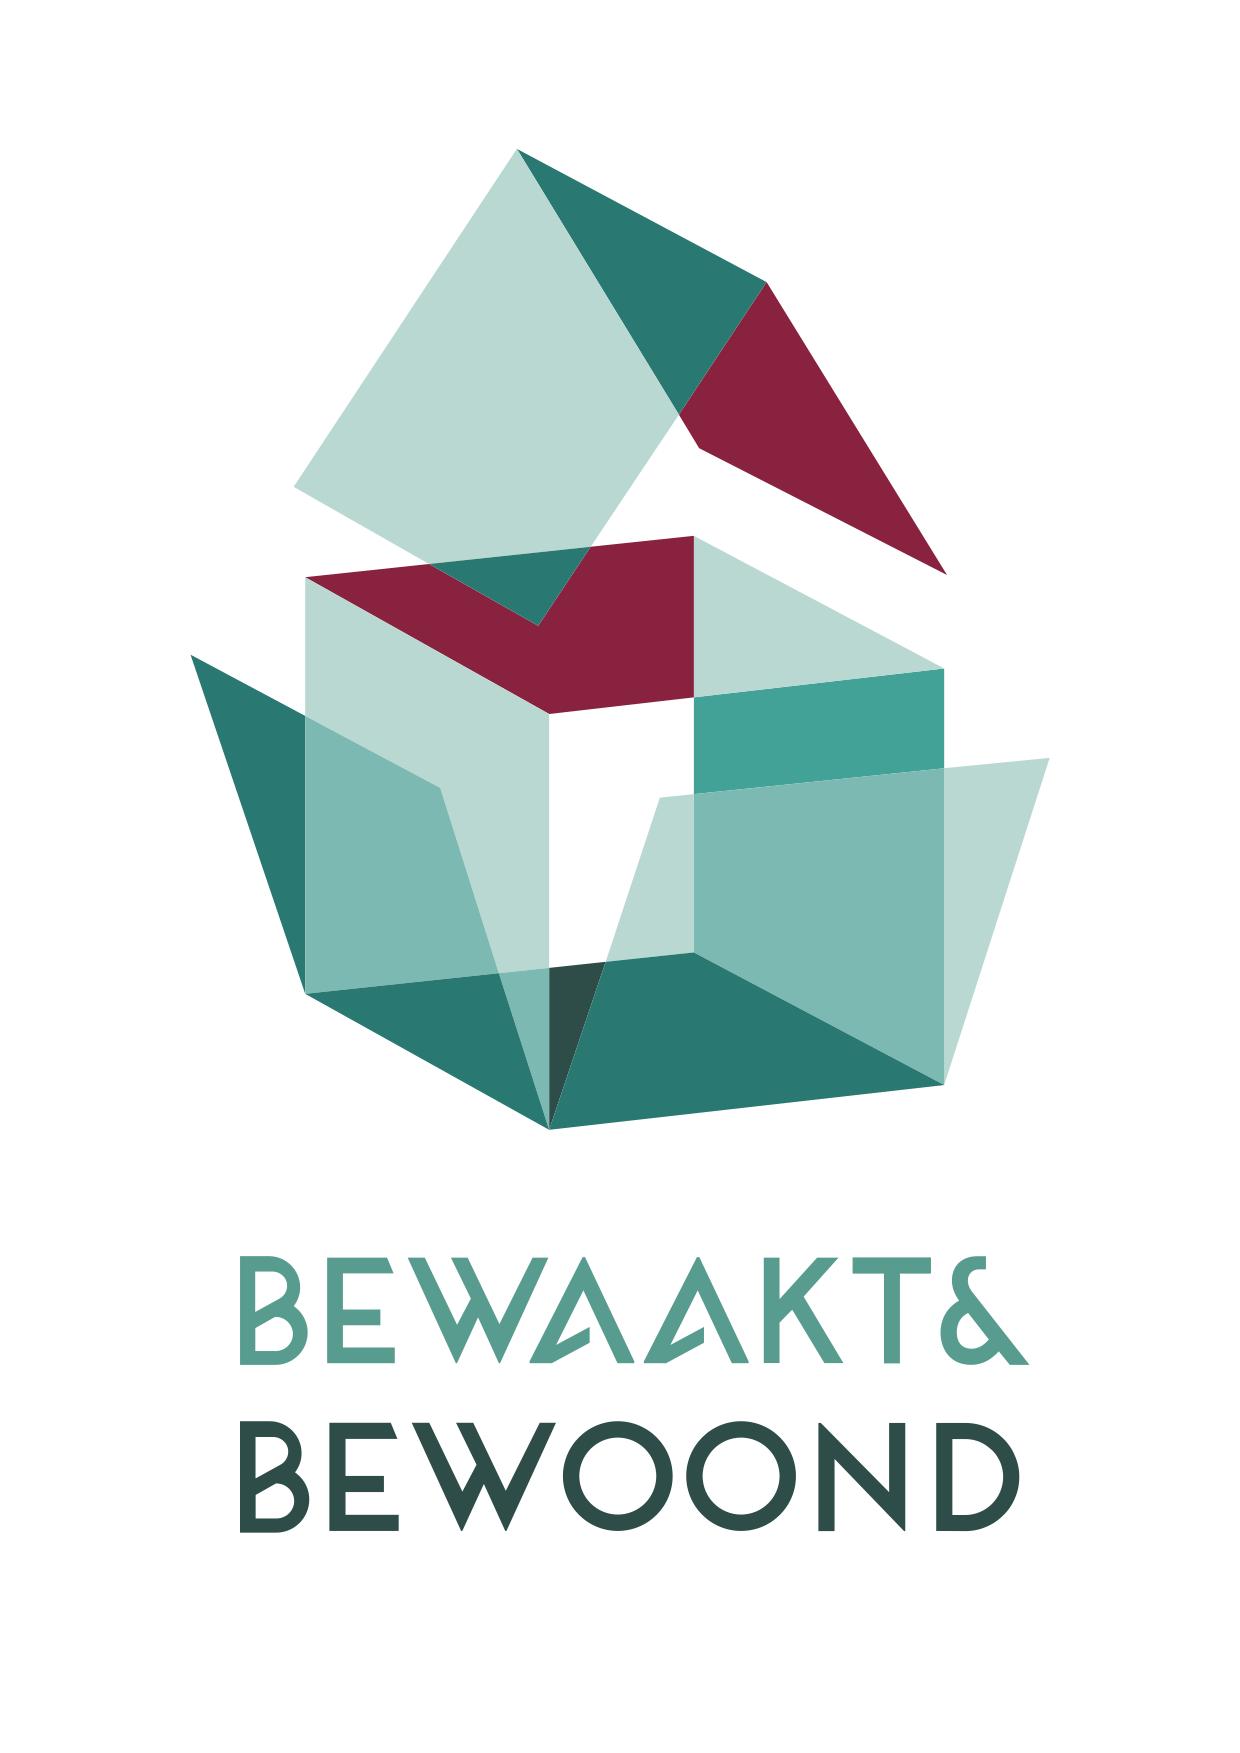 107_001 Bewaakt & Bewoond_Logo